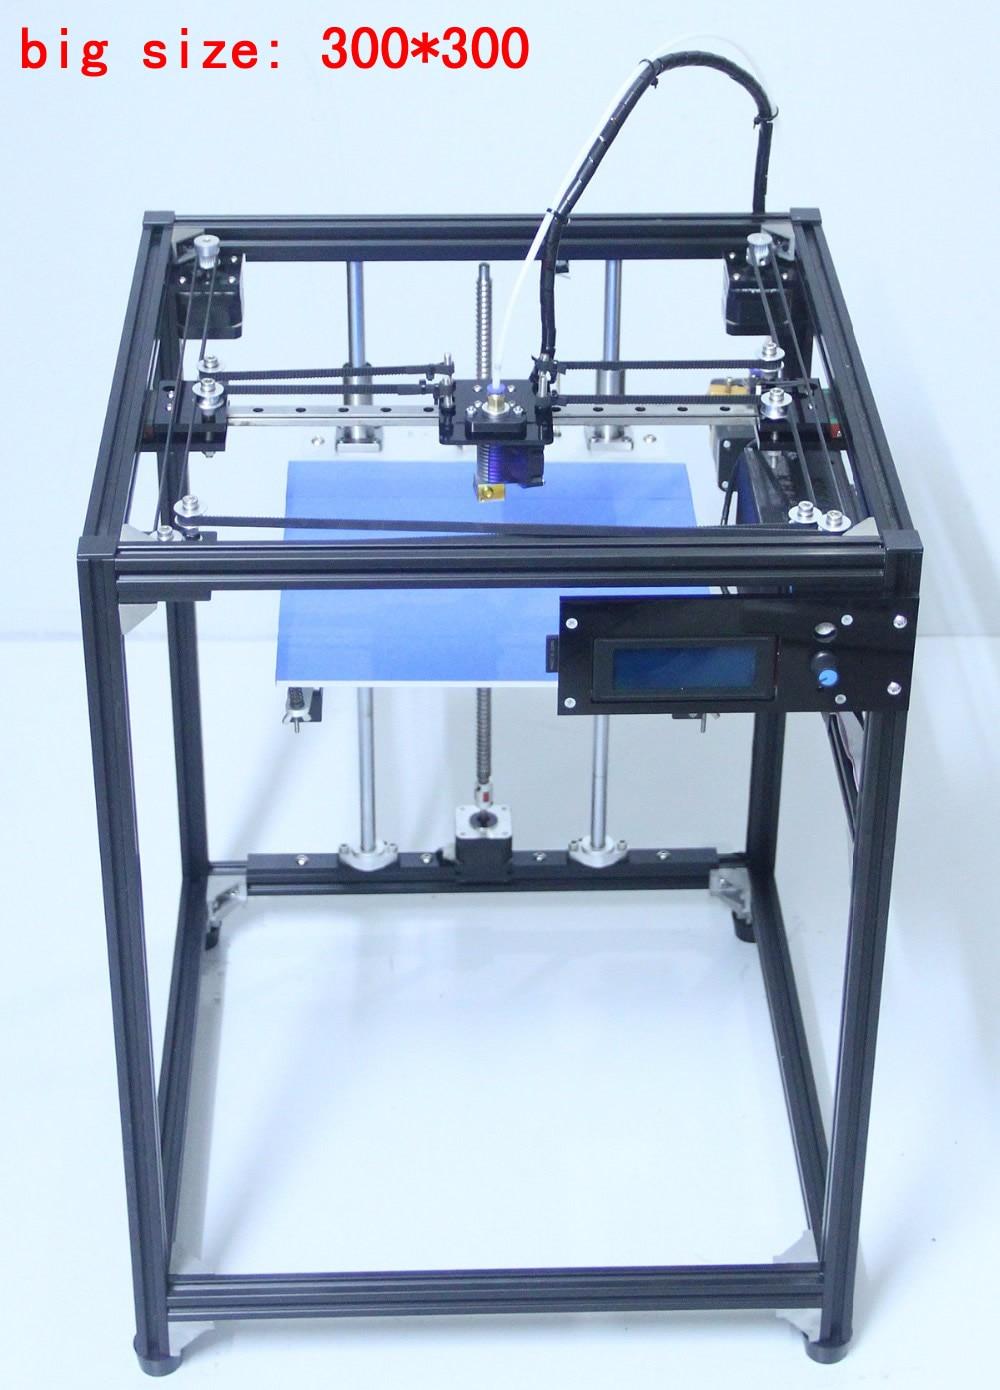 printer 3D 2017 big size 300 300 3D Printer Machine Ramps 1 4 plus black corexy